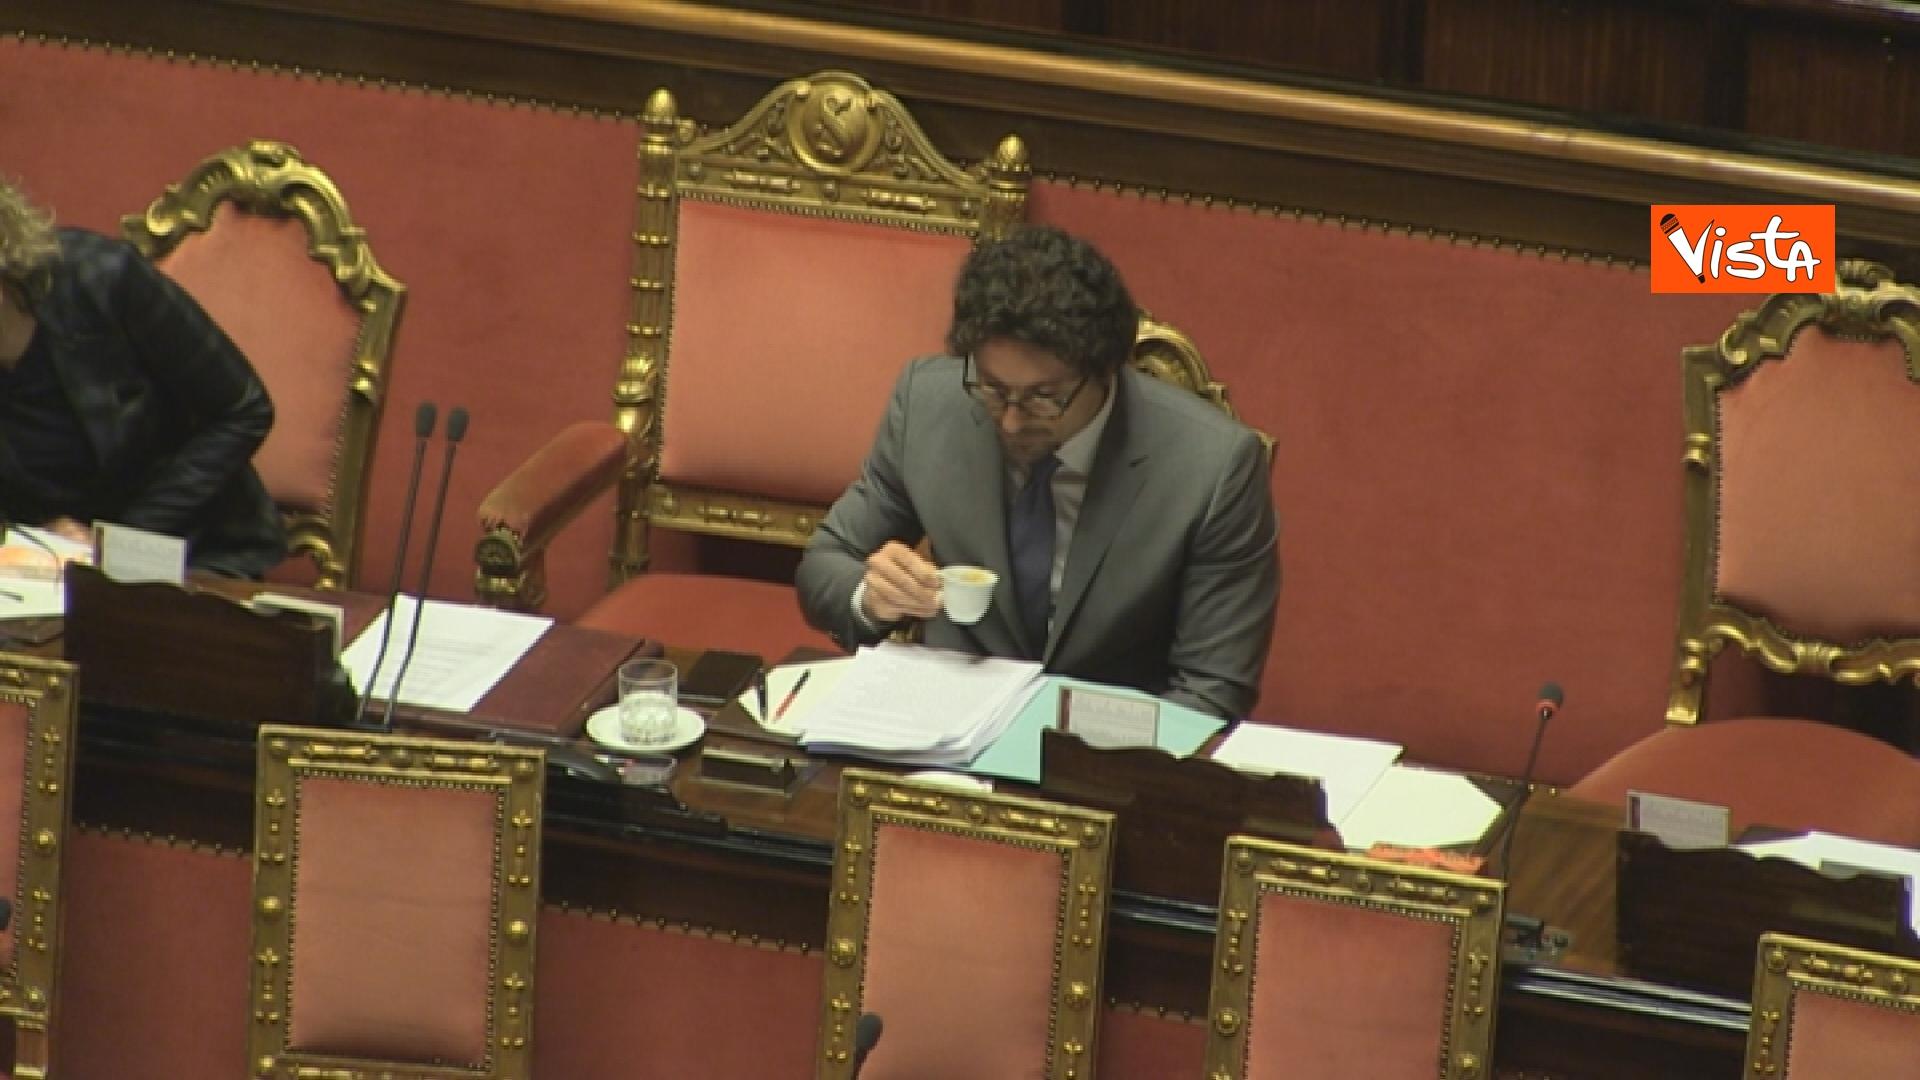 21-03-19 Mozione sfiducia per Toninelli al Senato le immagini dell Aula_il ministro beve un caffe 02